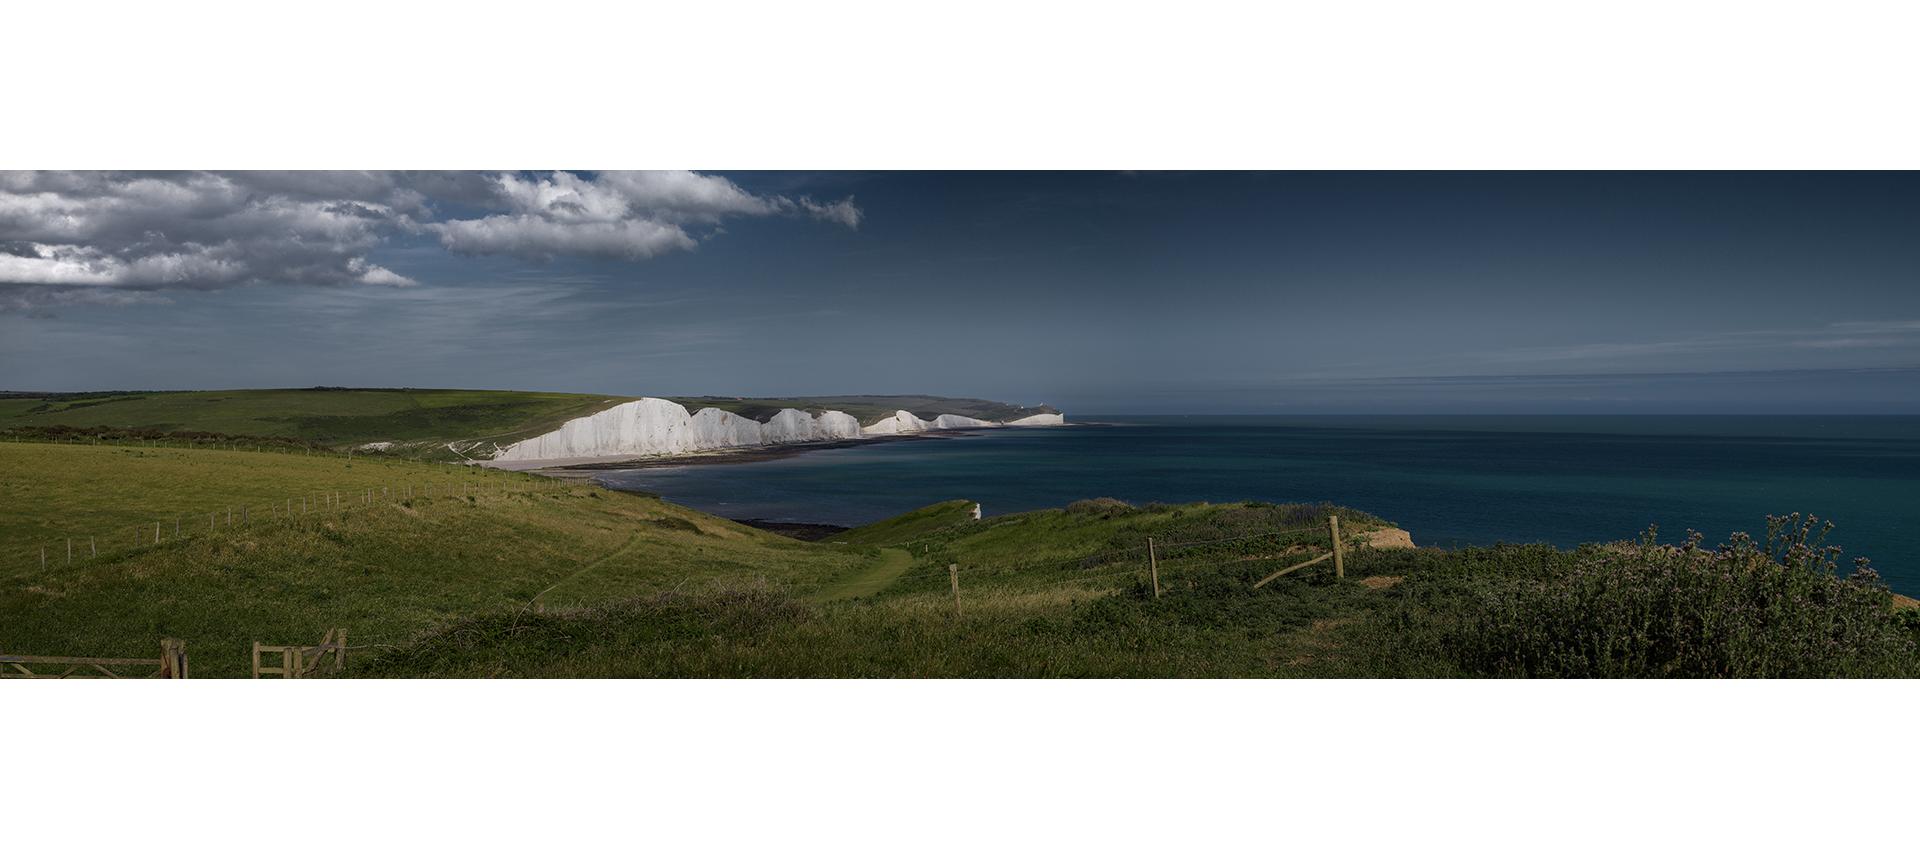 Panoramique falaises calcaires sud de l'Angleterre